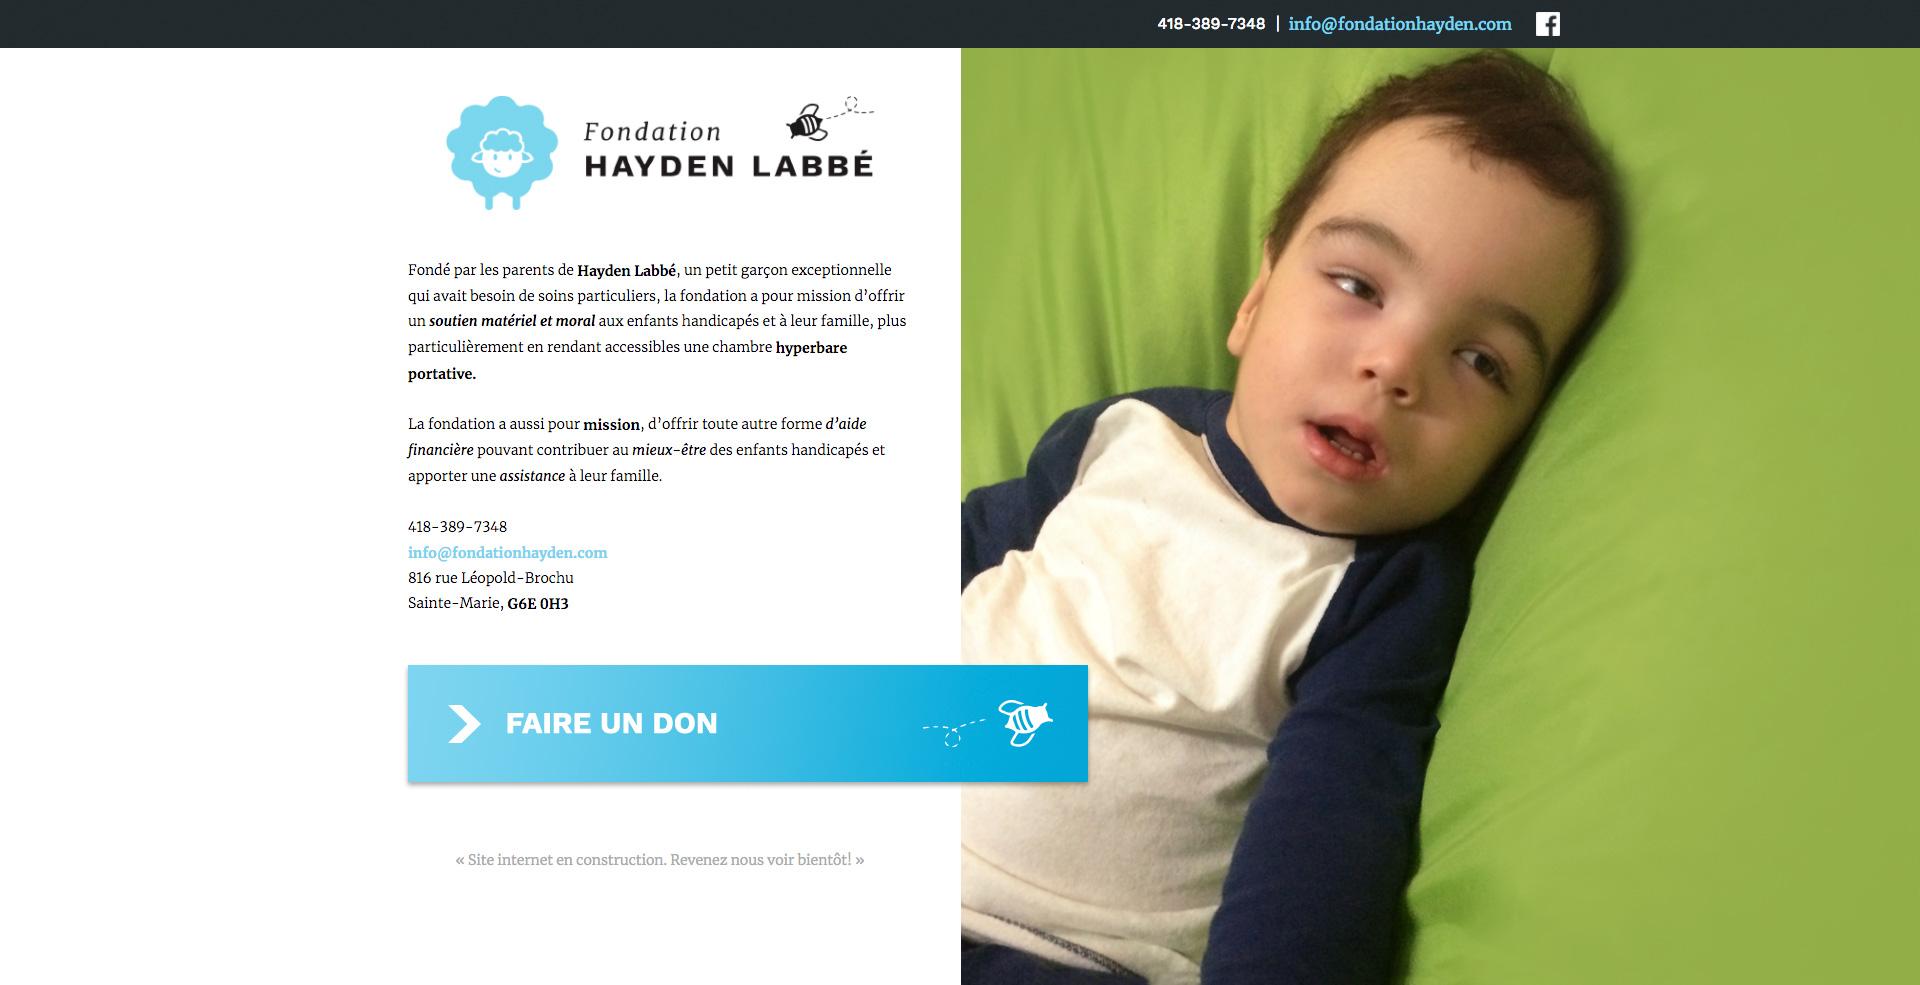 Fondation Hayden Labbé